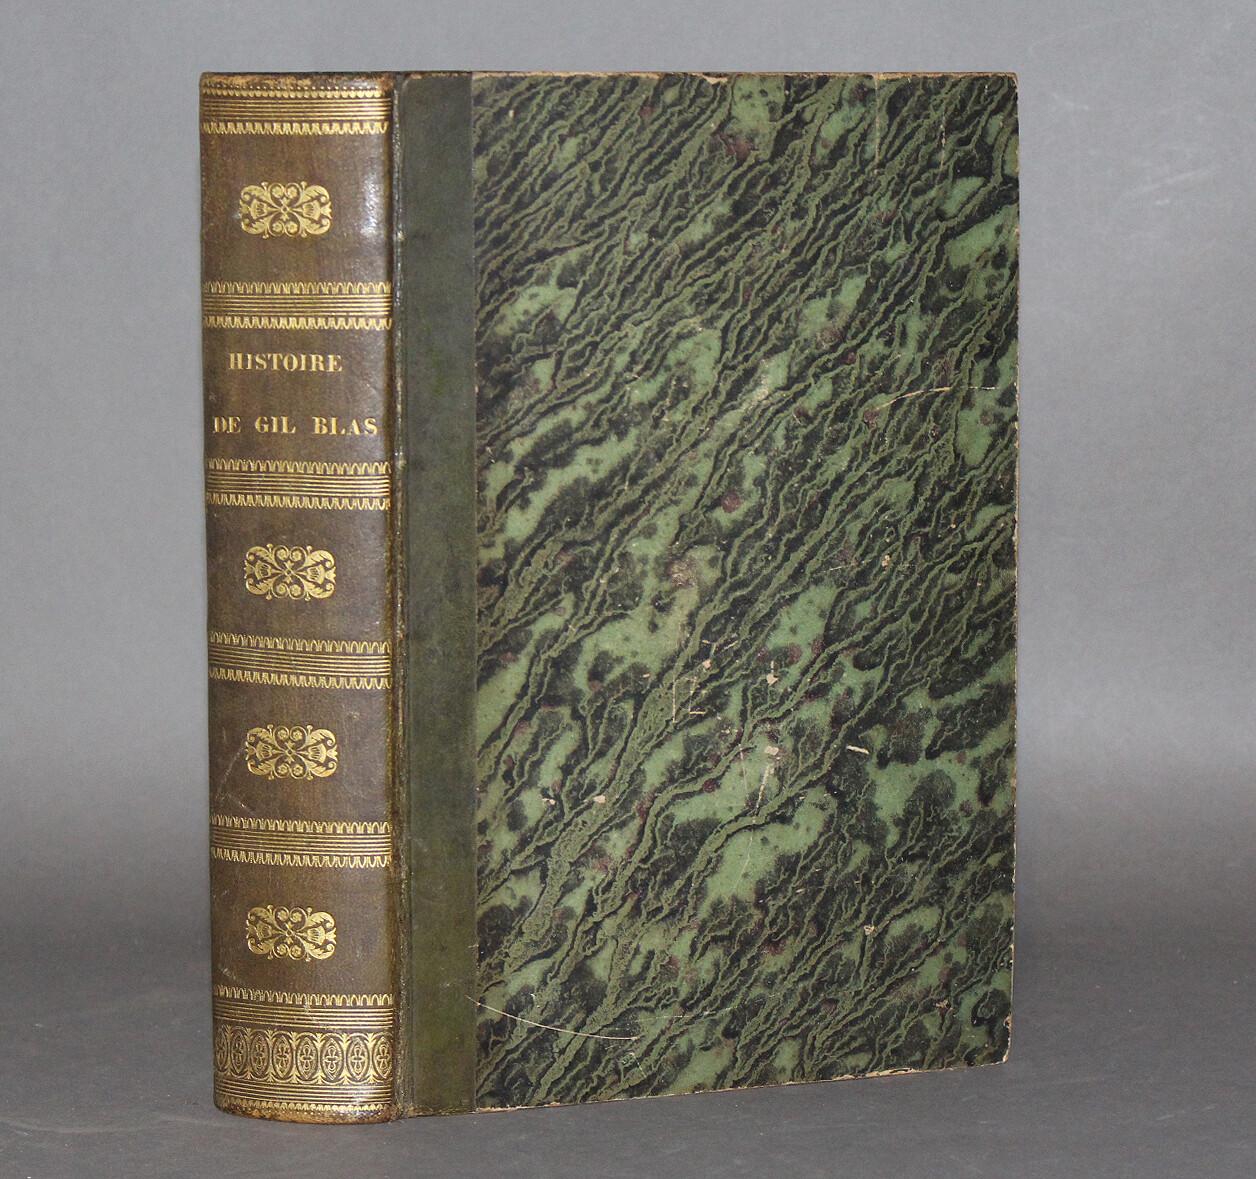 LESAGE.- Histoire de Gil Blas de Santillane, 1835.